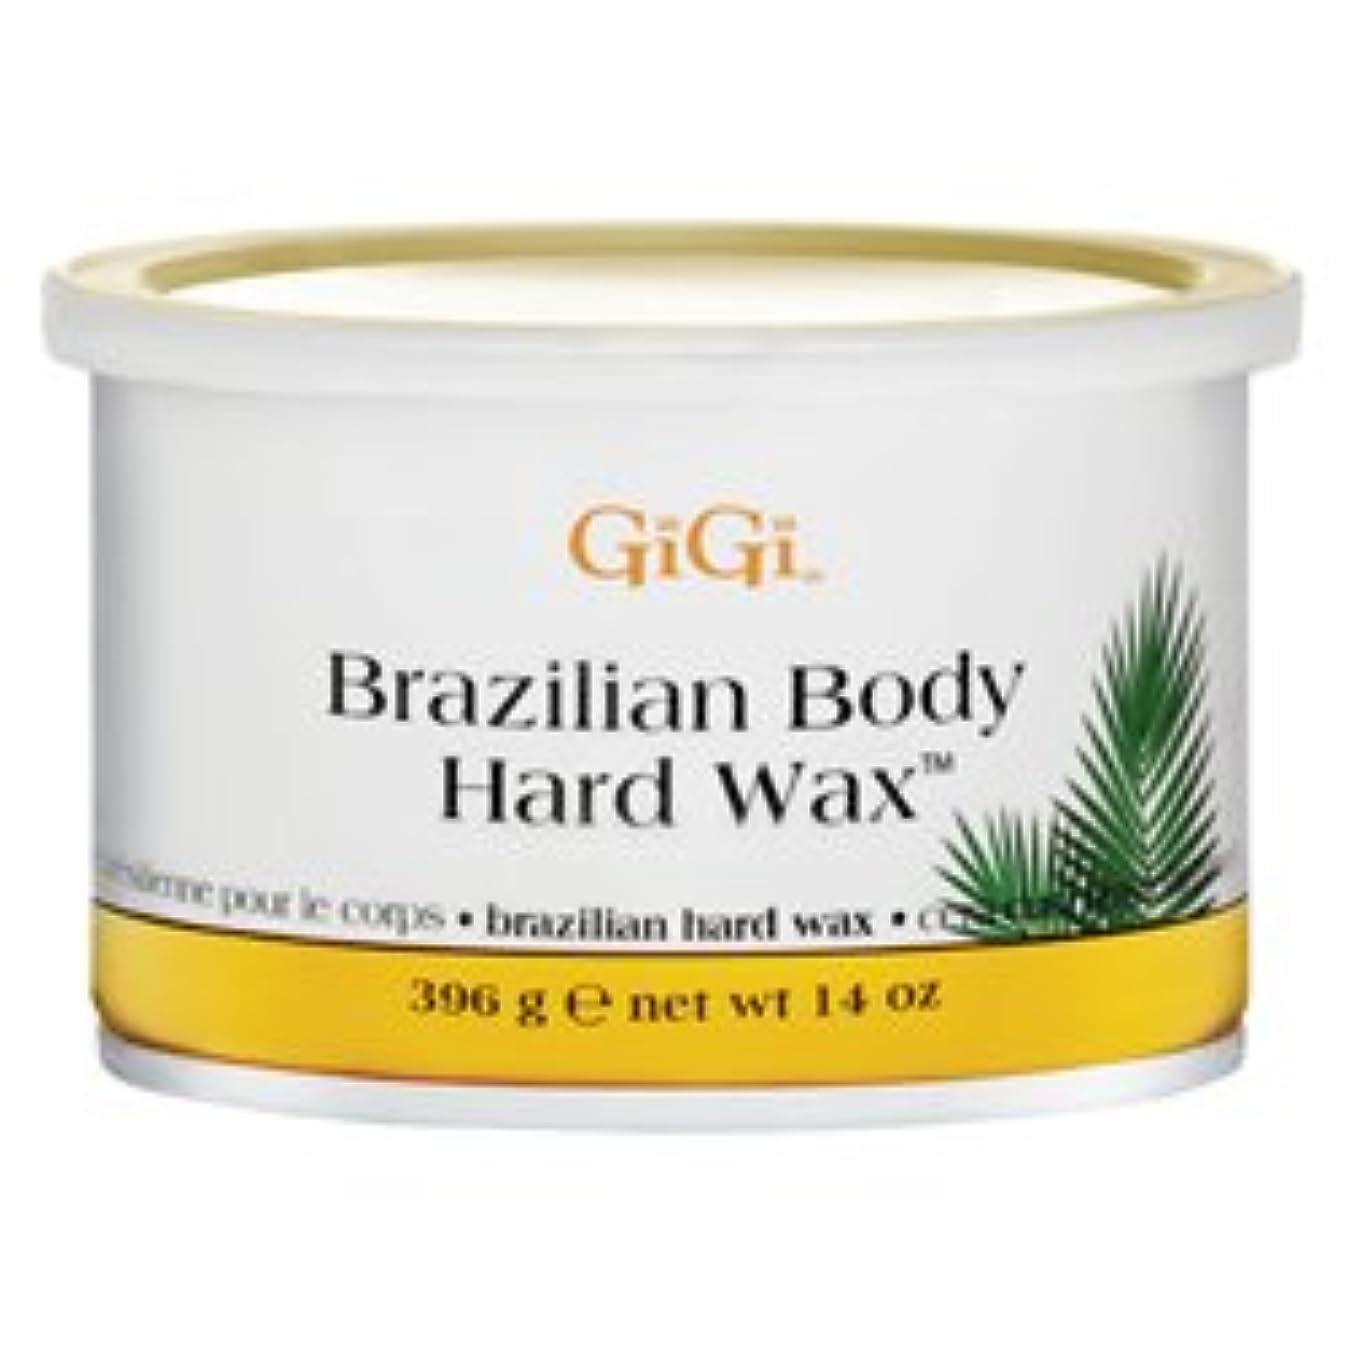 予測早いブラジリアンボディハード脱毛ワックス 396g (並行輸入品)